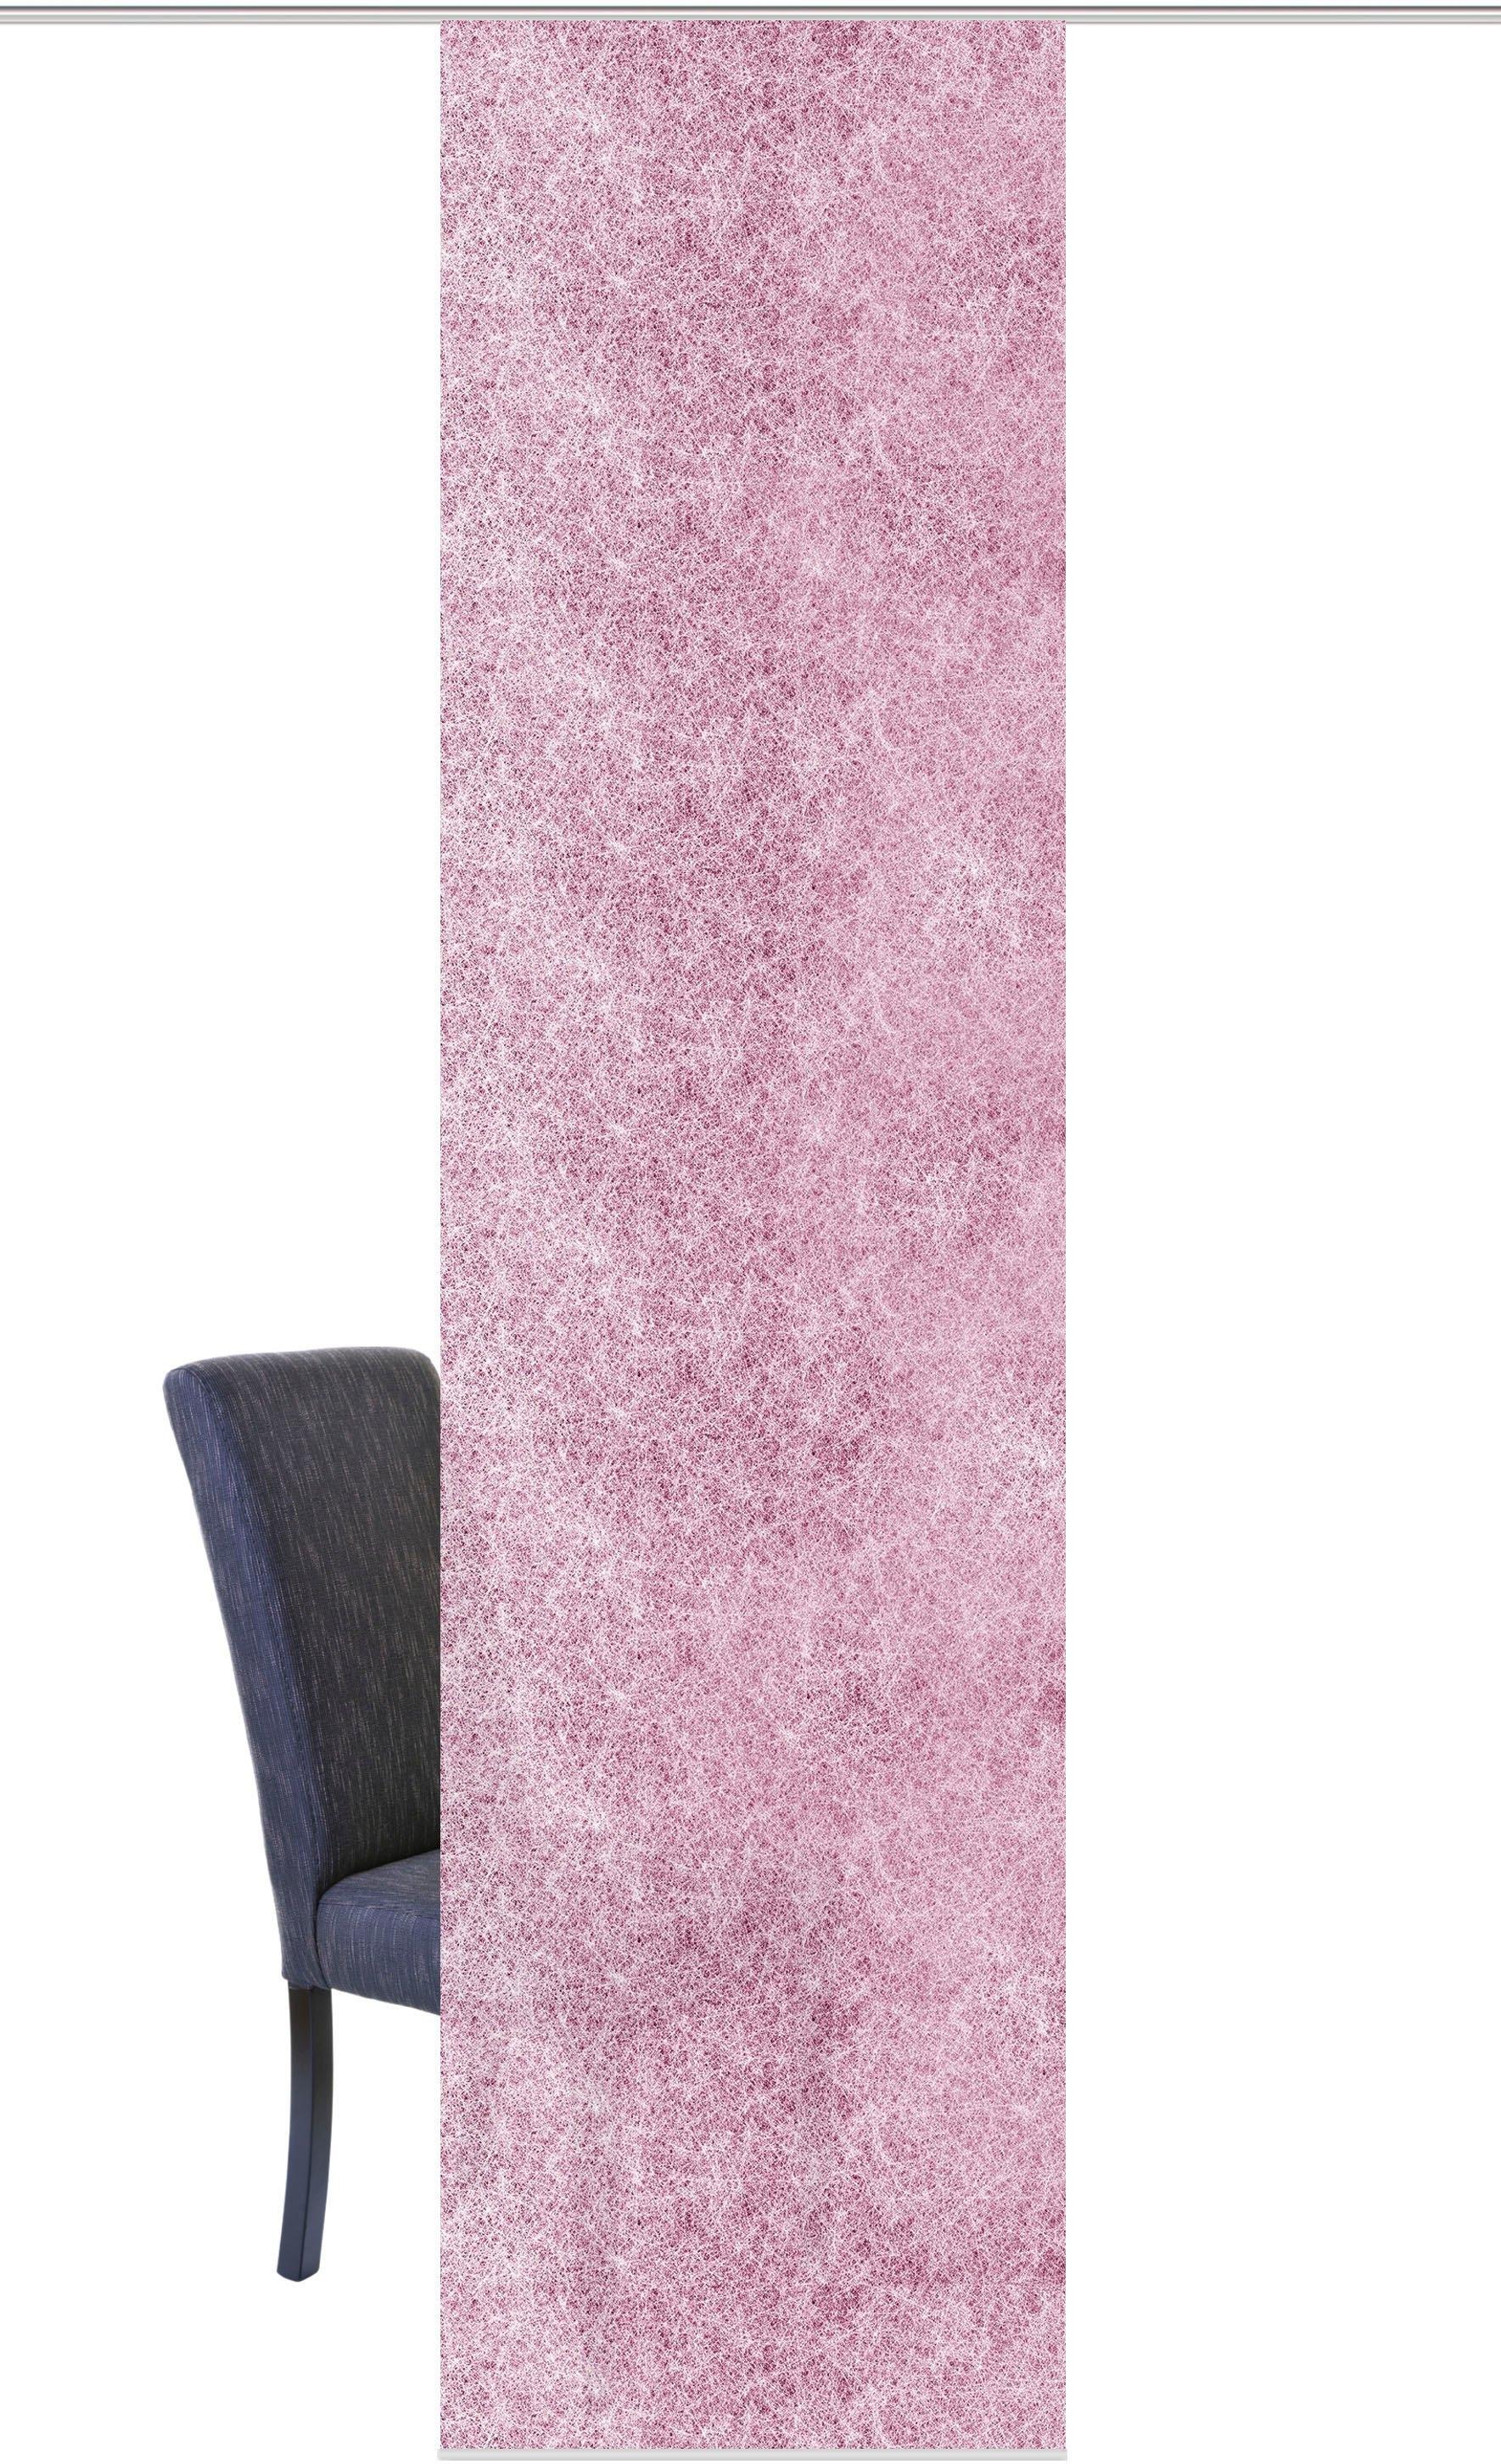 HOME WOHNIDEEN Paneelgordijn FILOSIA HxB: 245x60, digitale print van decostof (1 stuk) online kopen op otto.nl